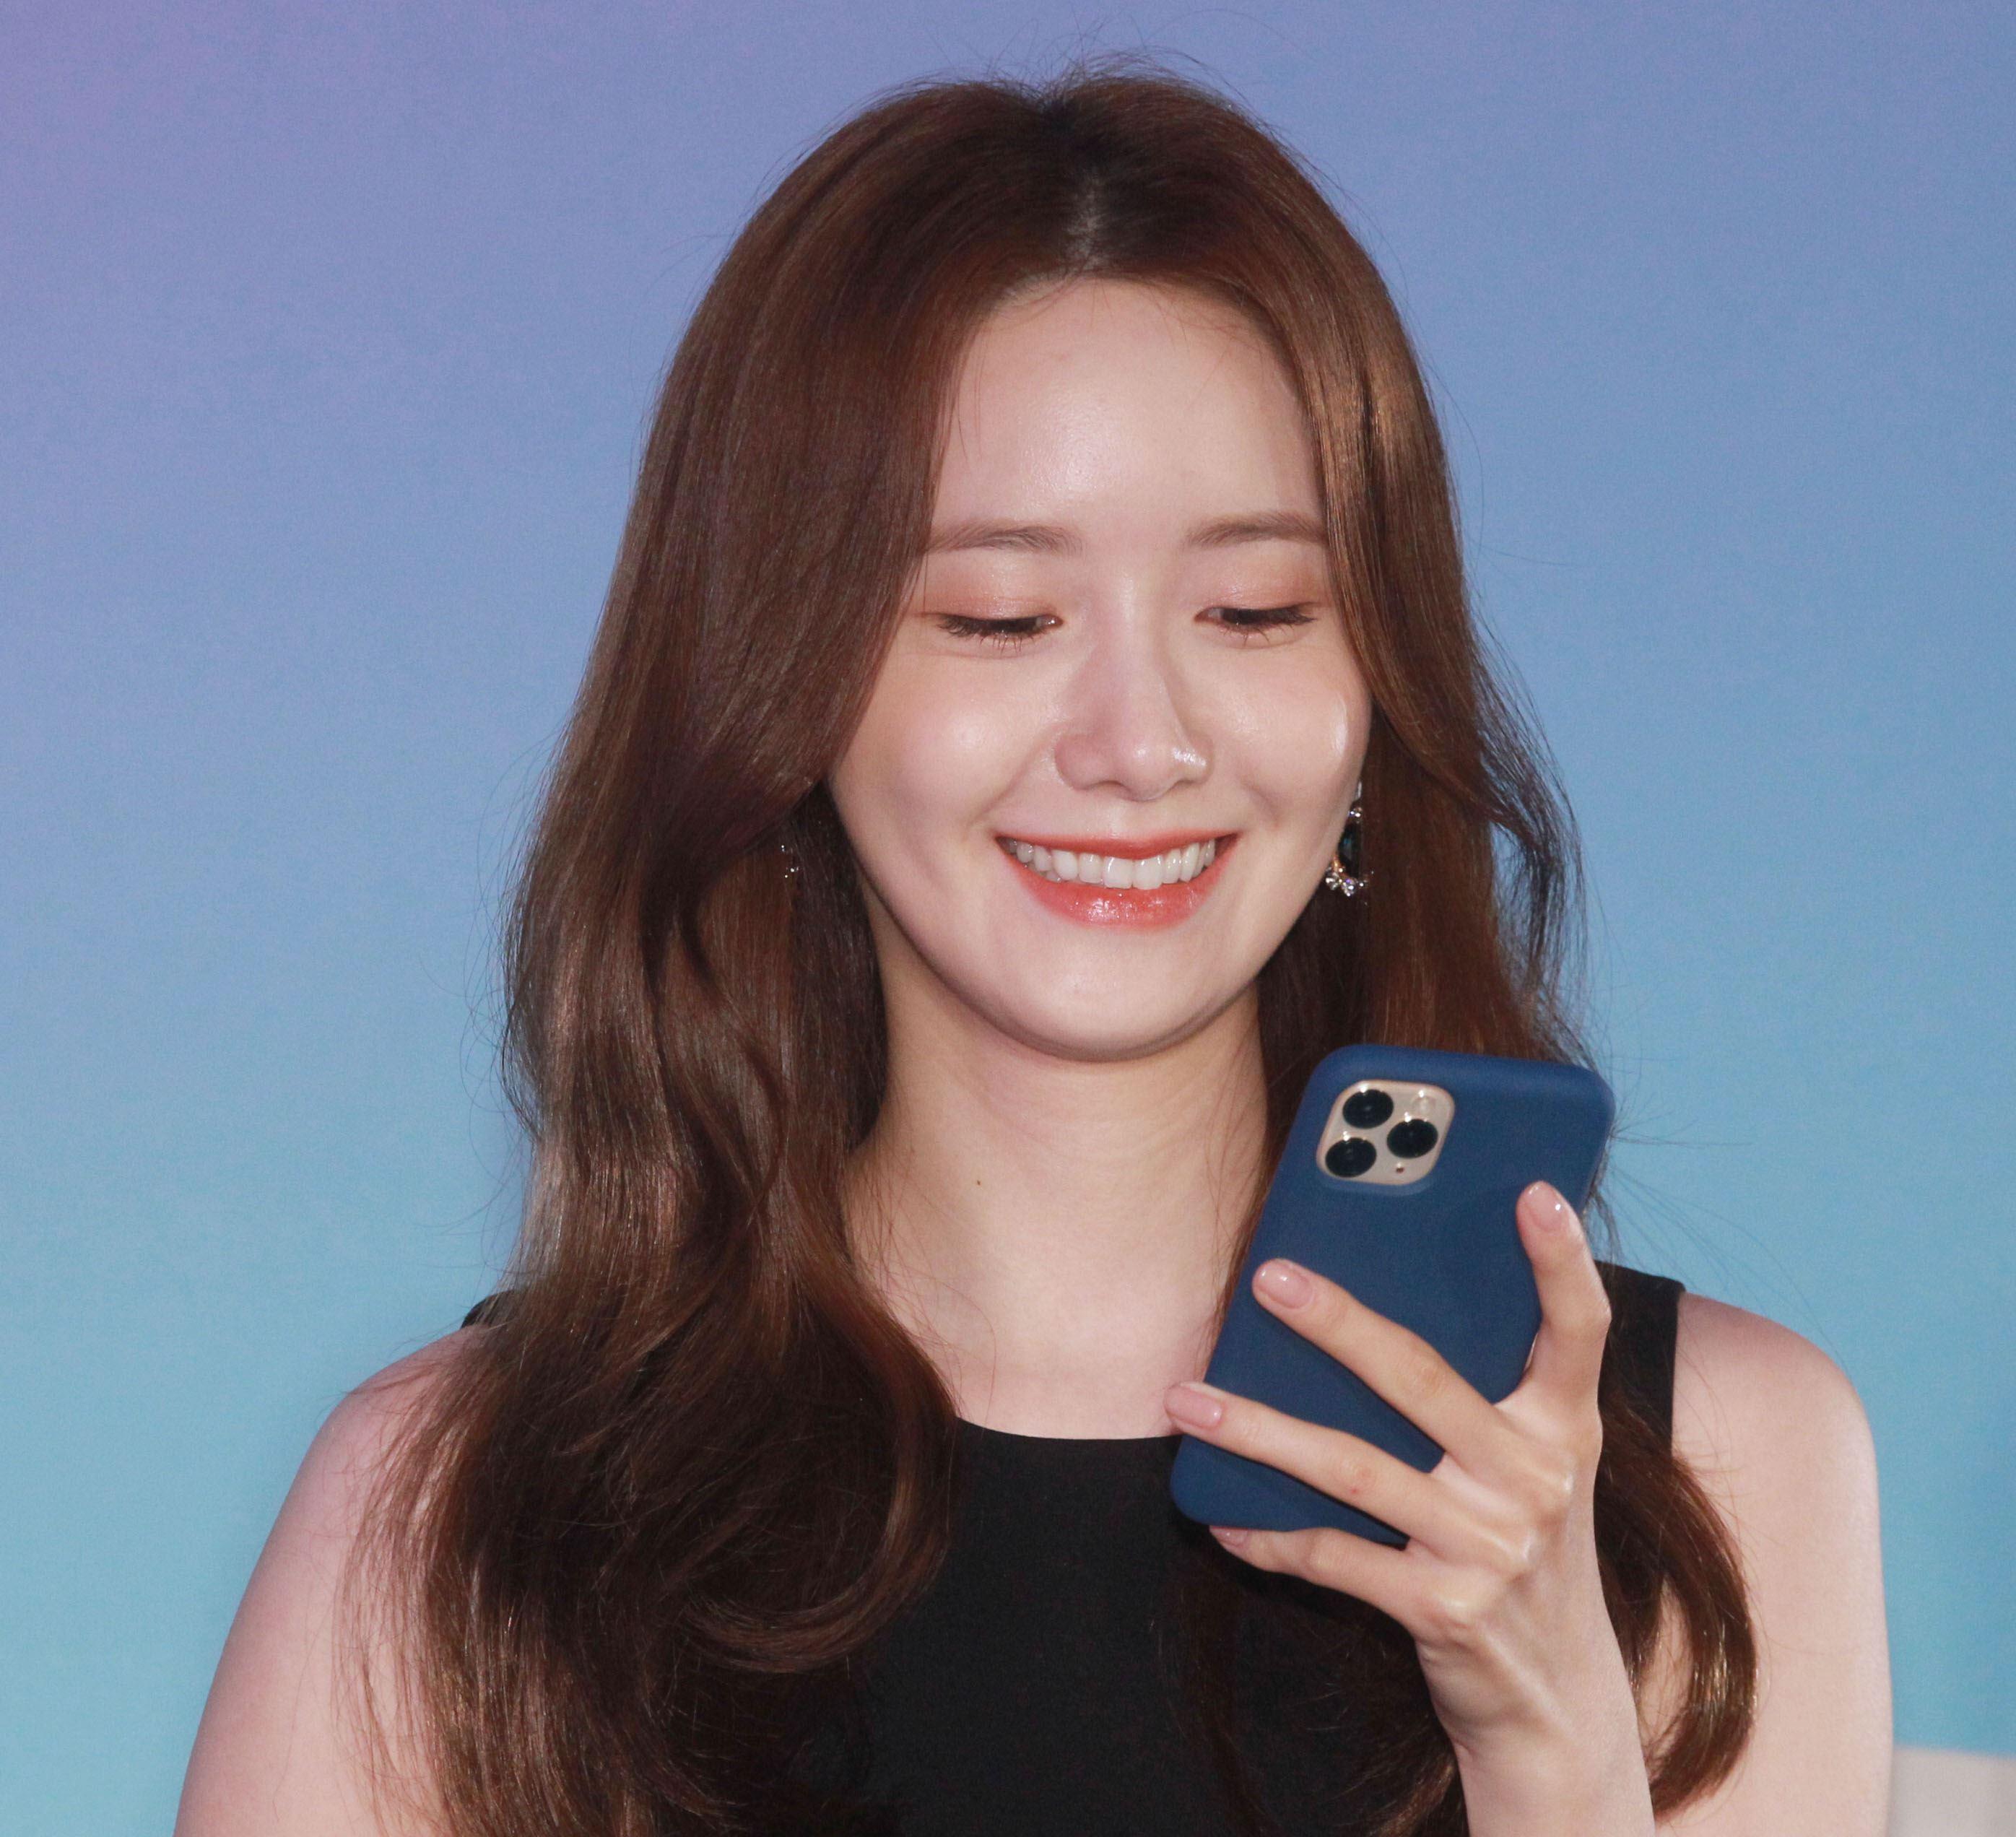 潤娥品牌代言現場用手機與粉絲互動送紅包。(記者邱榮吉/攝影)